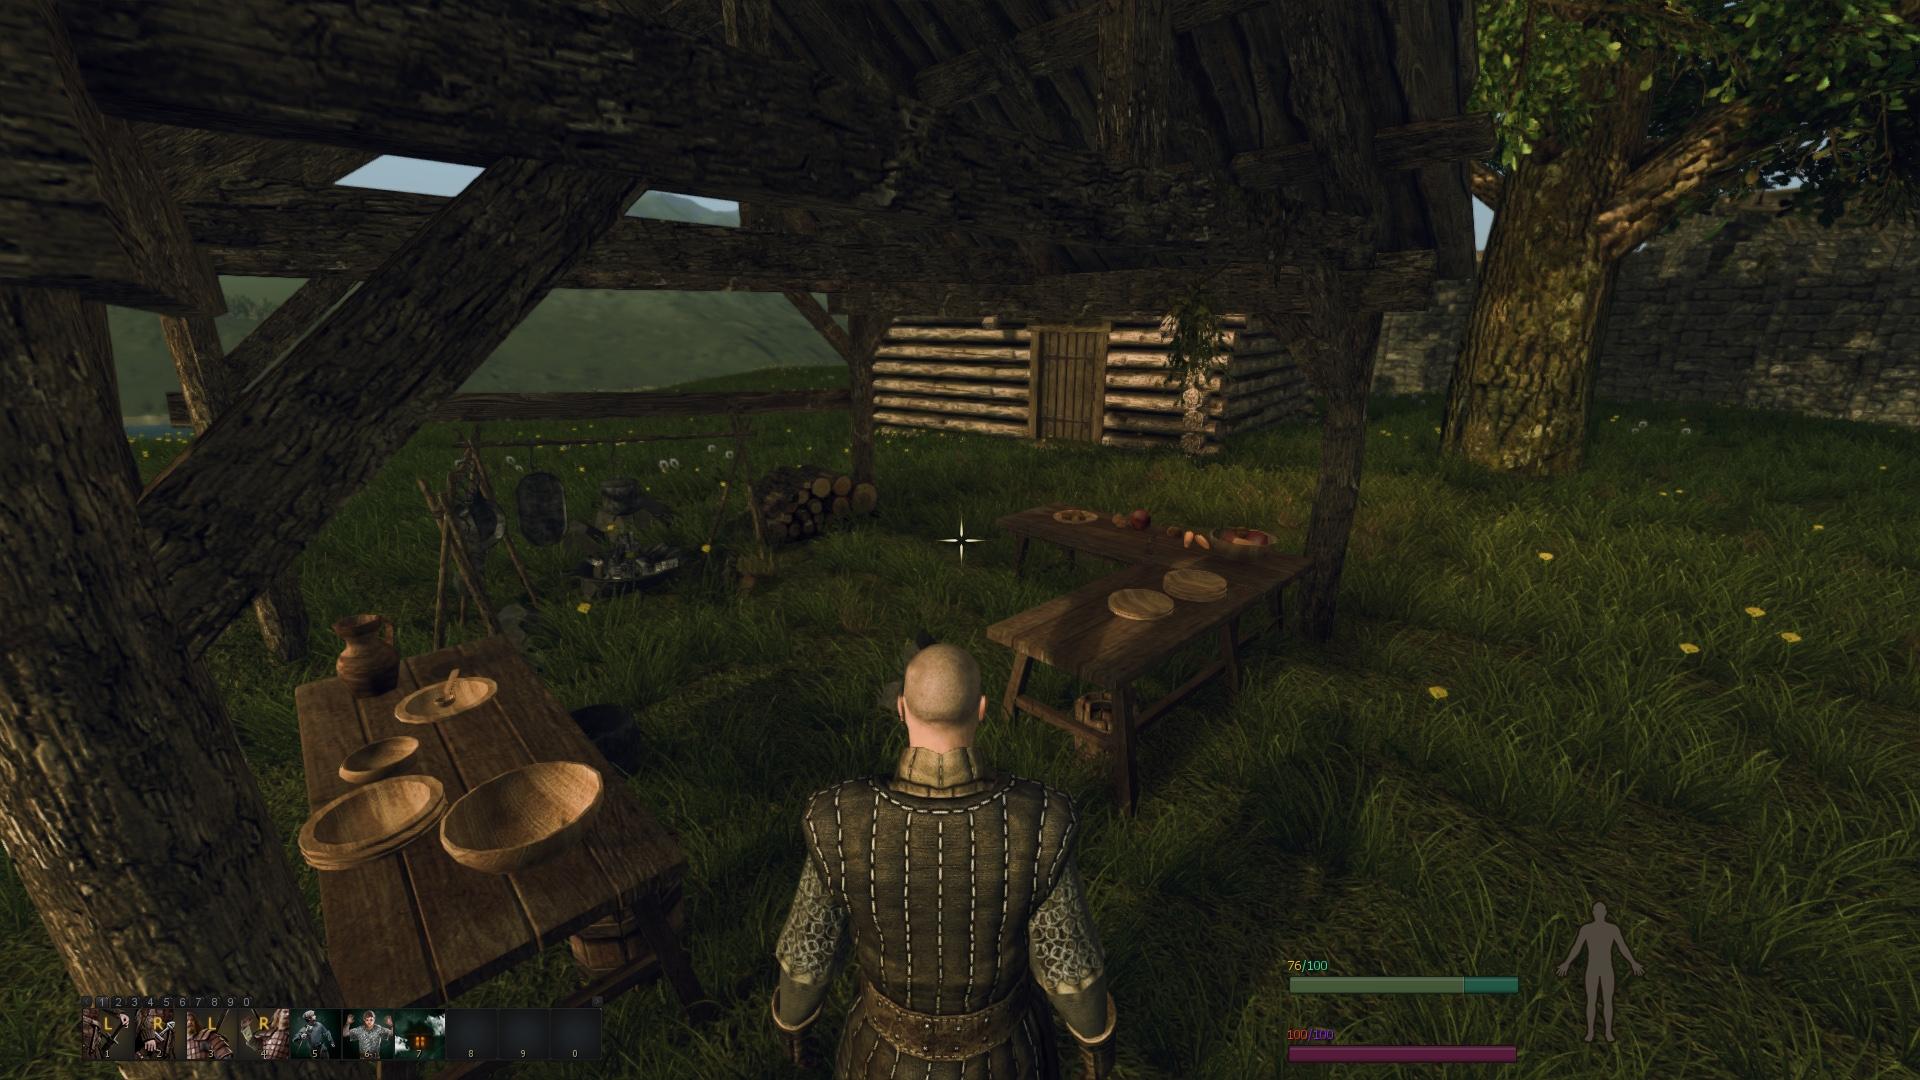 Симулятор средневековой жизни скачать